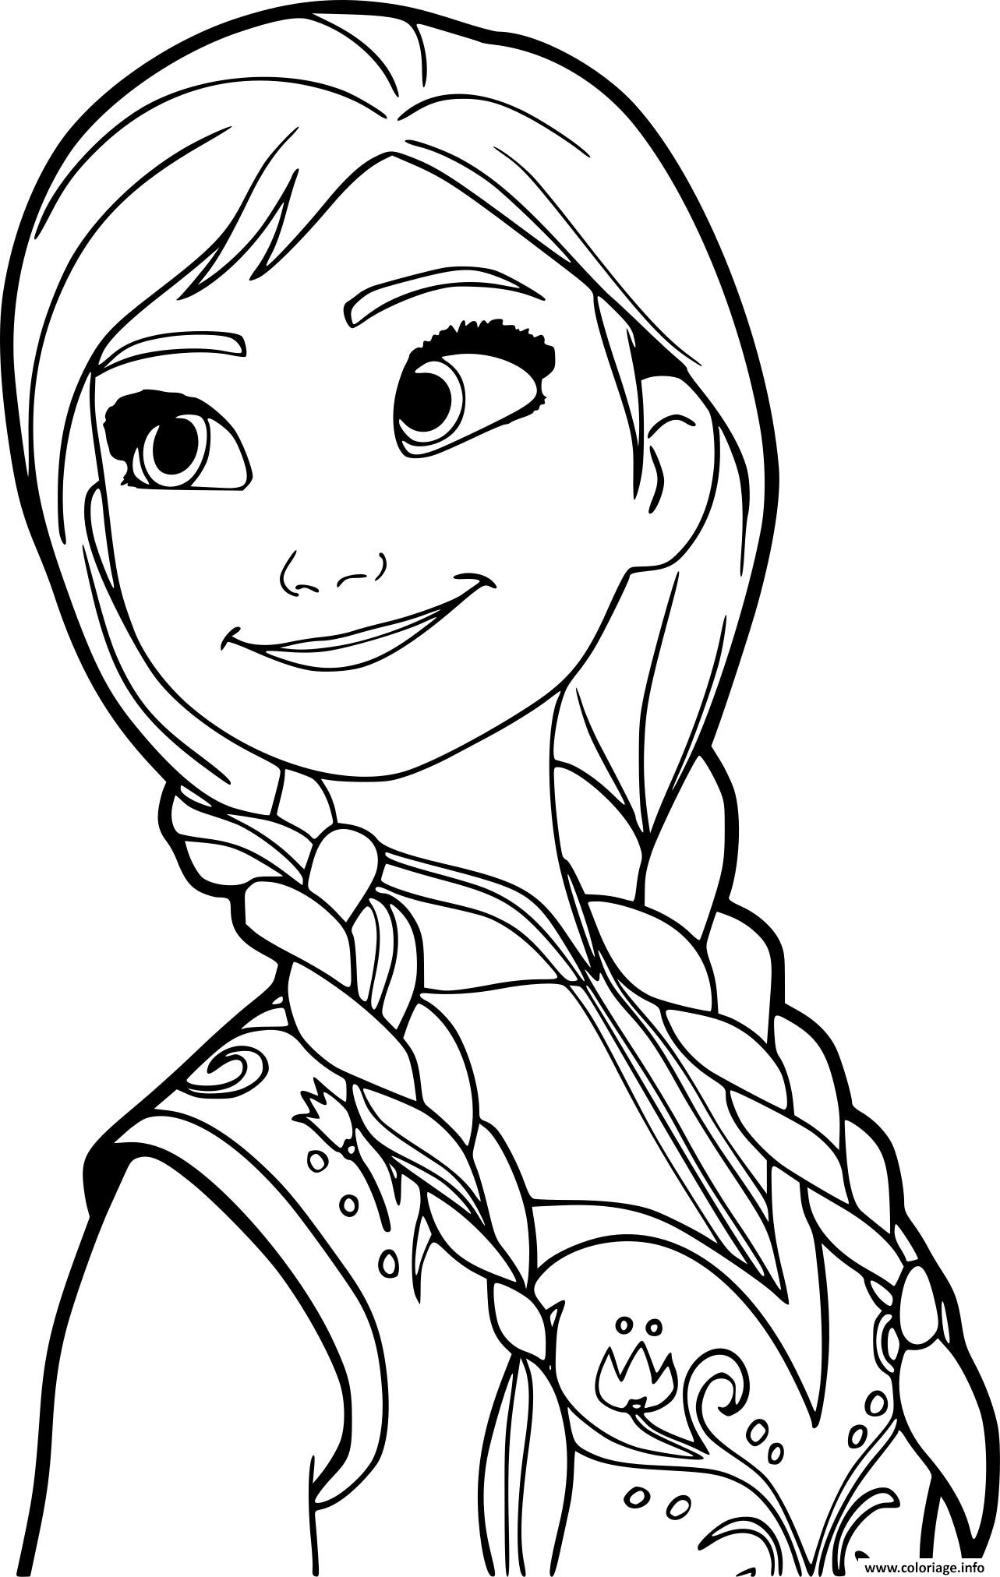 Dessin Reine Des Neiges 2 : dessin, reine, neiges, Coloriage, Princesse, Reine, Neiges, Dessin, Imprimer, Neiges,, Princesse,